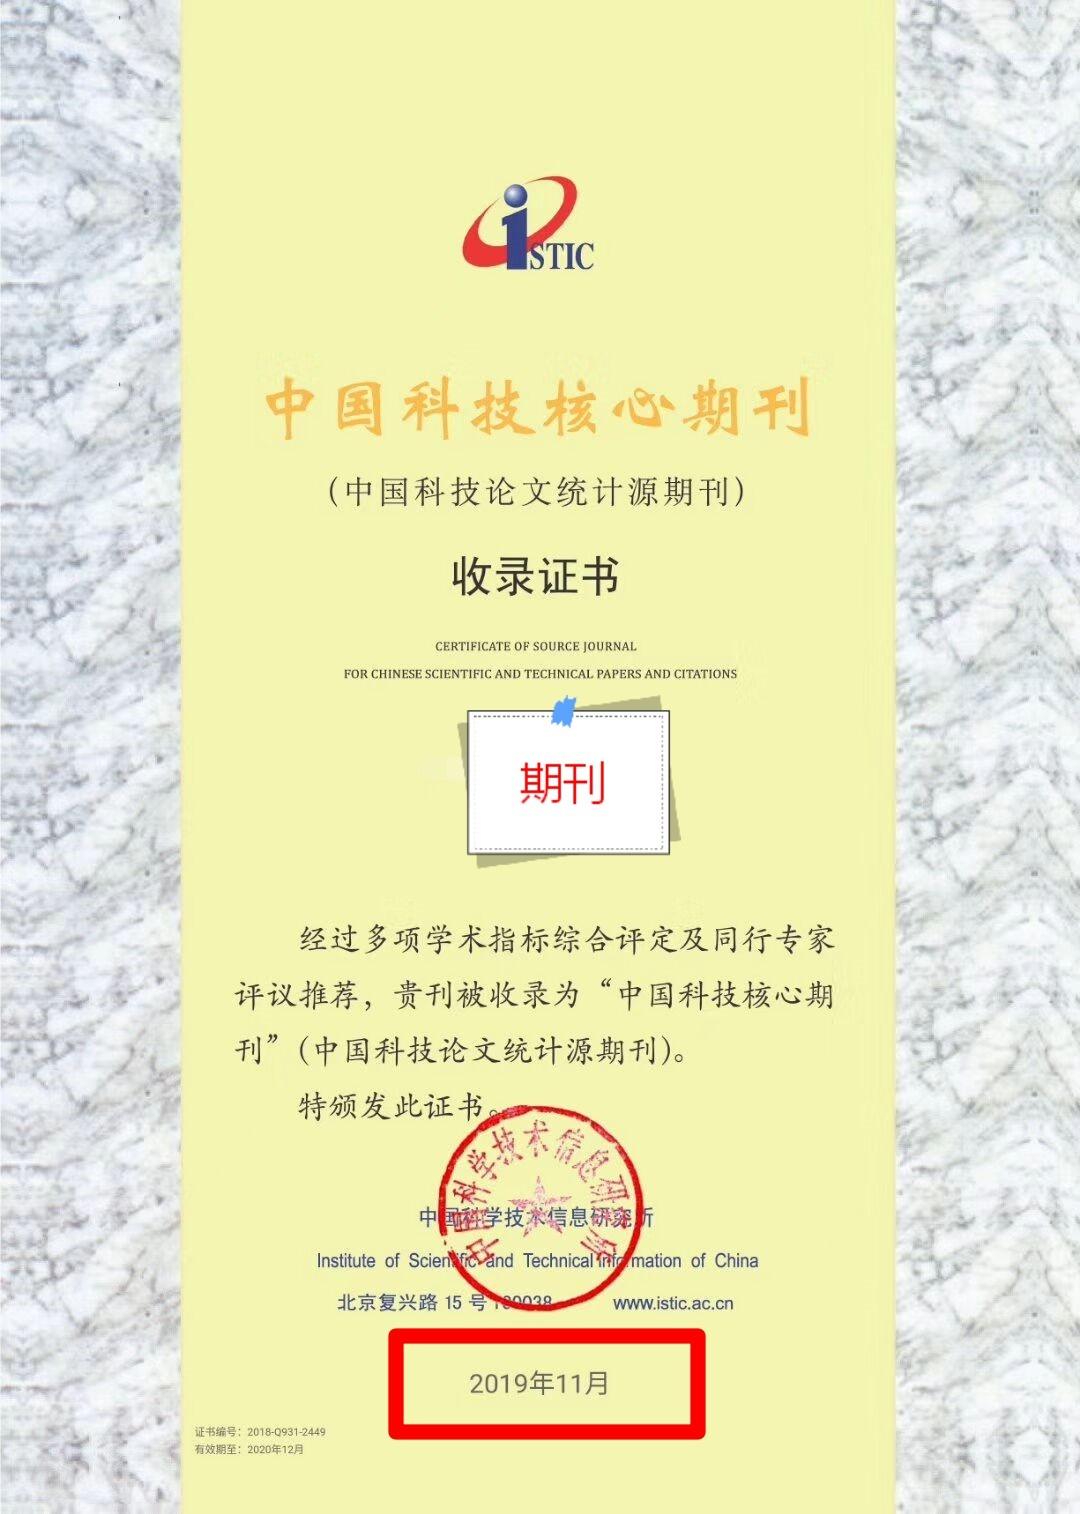 中国科技核心期刊收录证书